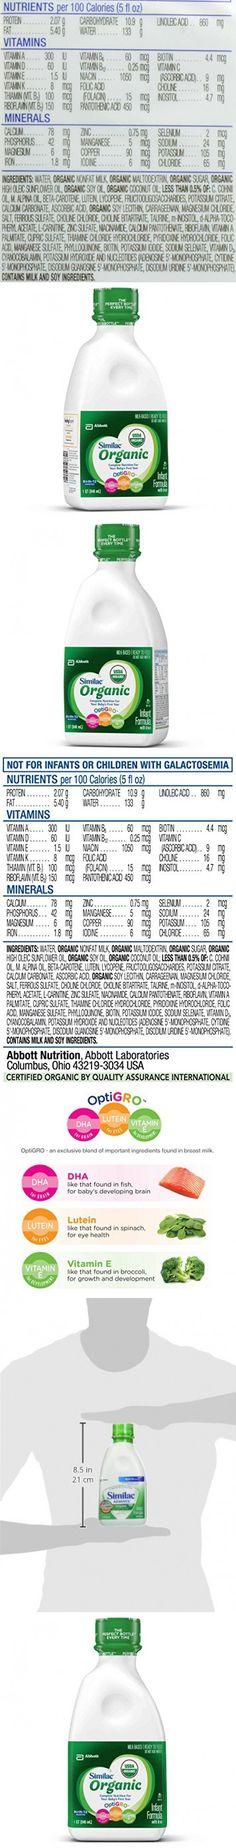 Similac Organic Ready to Feed, 32 Fluid Ounce